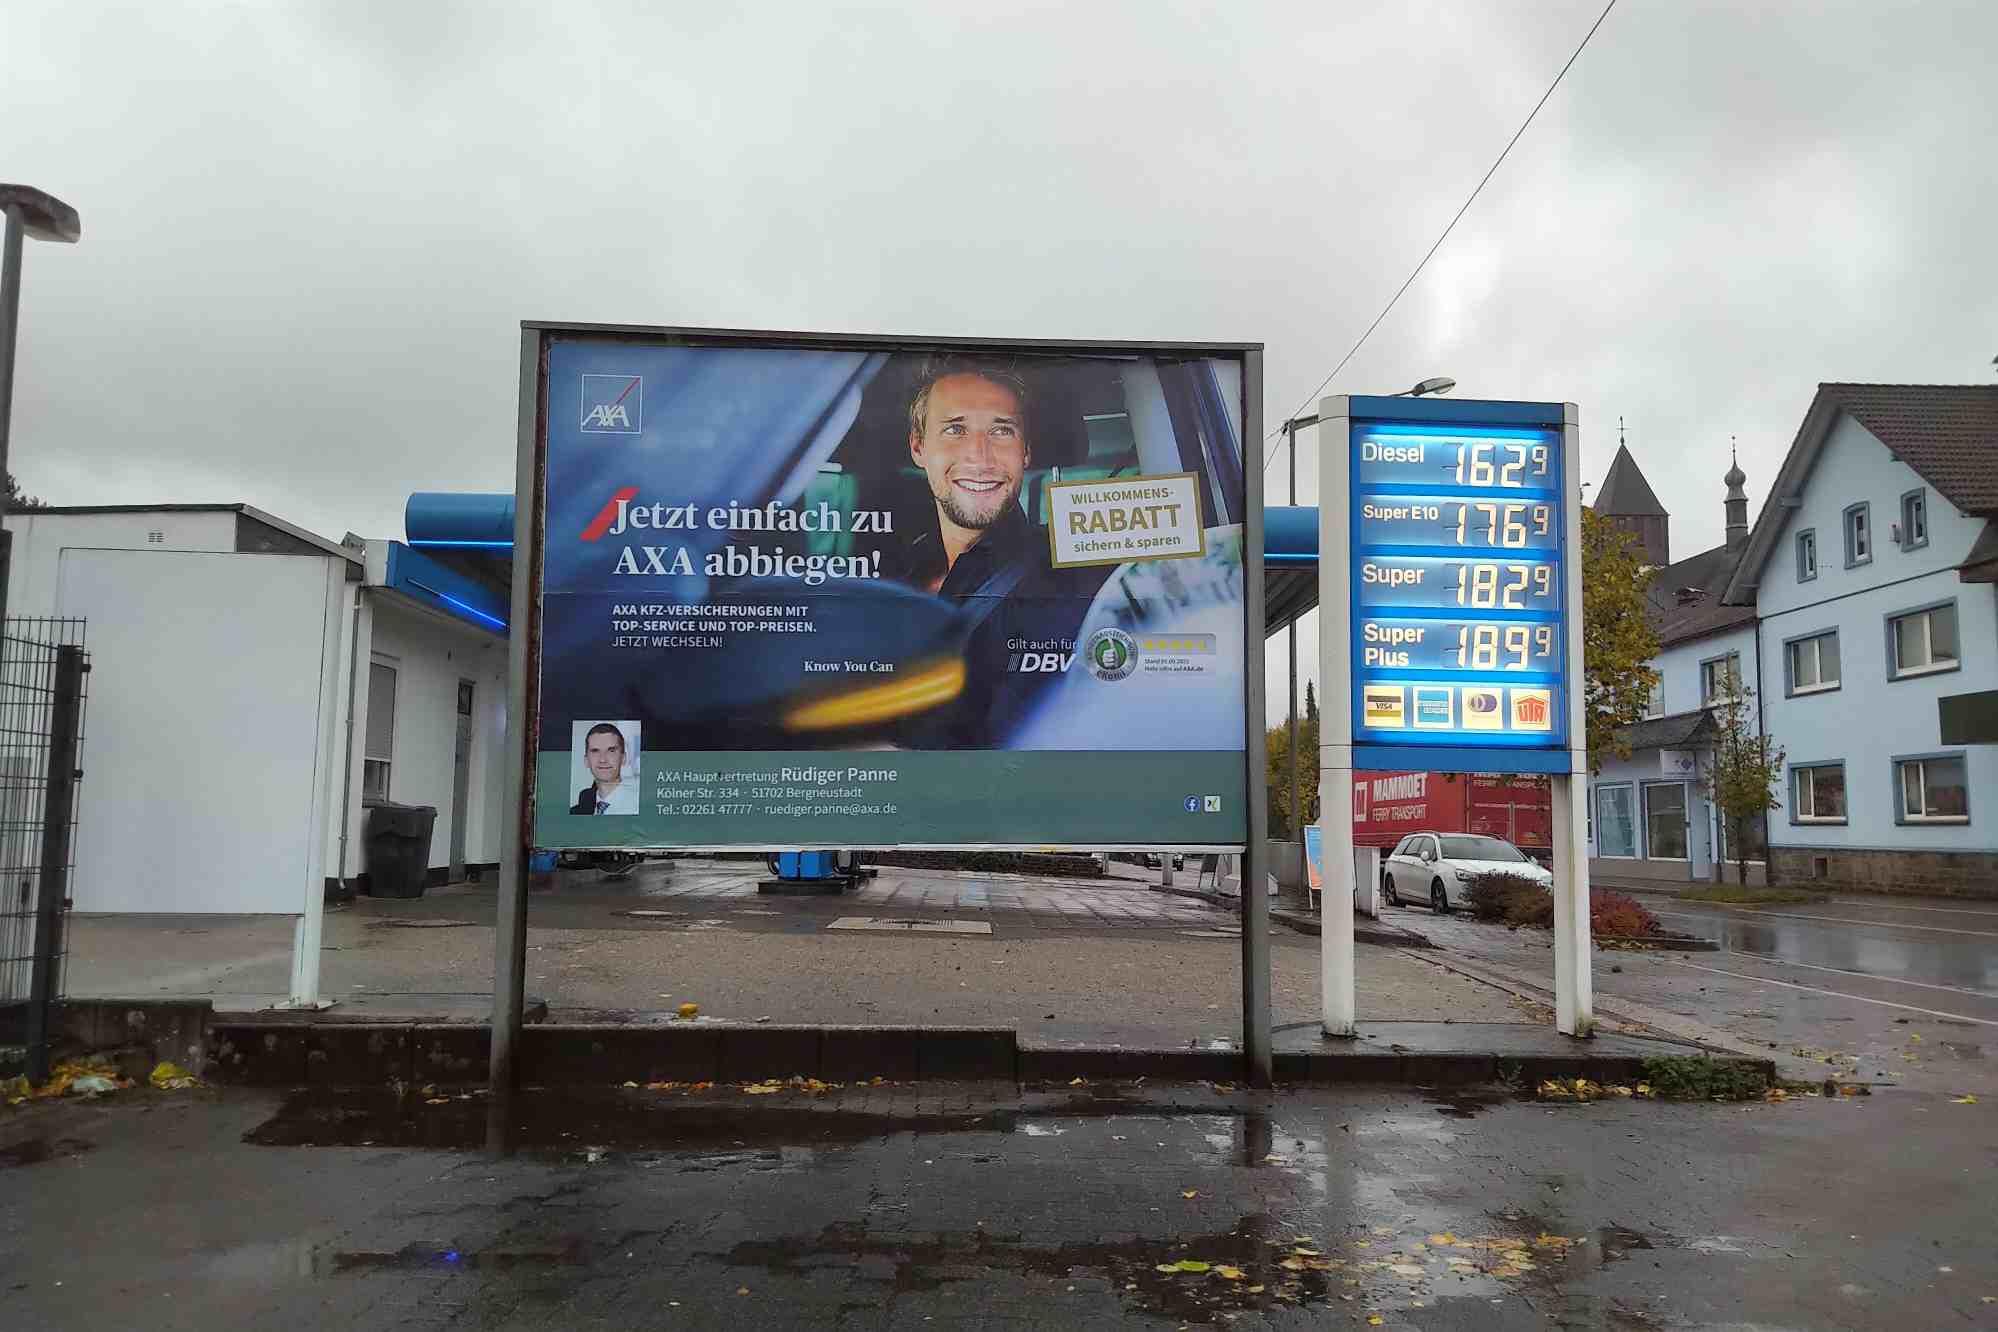 Benzinpreis steigt ! Kfz-Versicherung- mit AXA sparen!